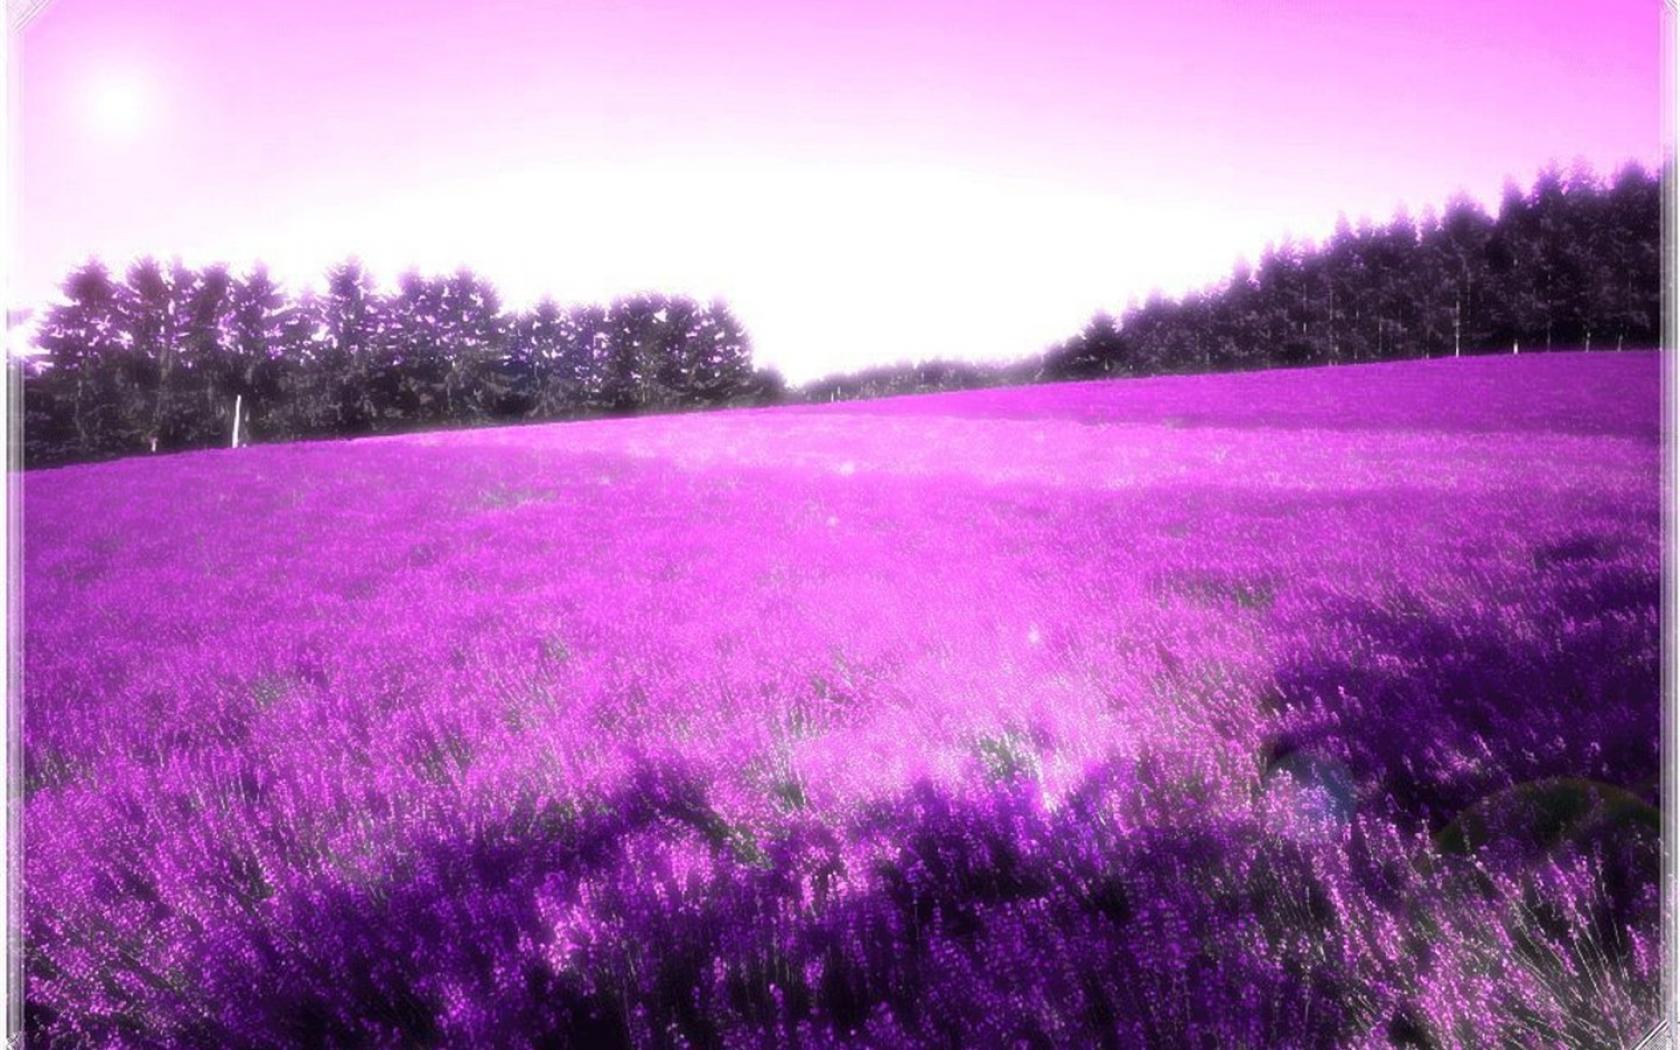 Lavender Flower New Desktop HD Wallpapers HD Wallapers 1680x1050